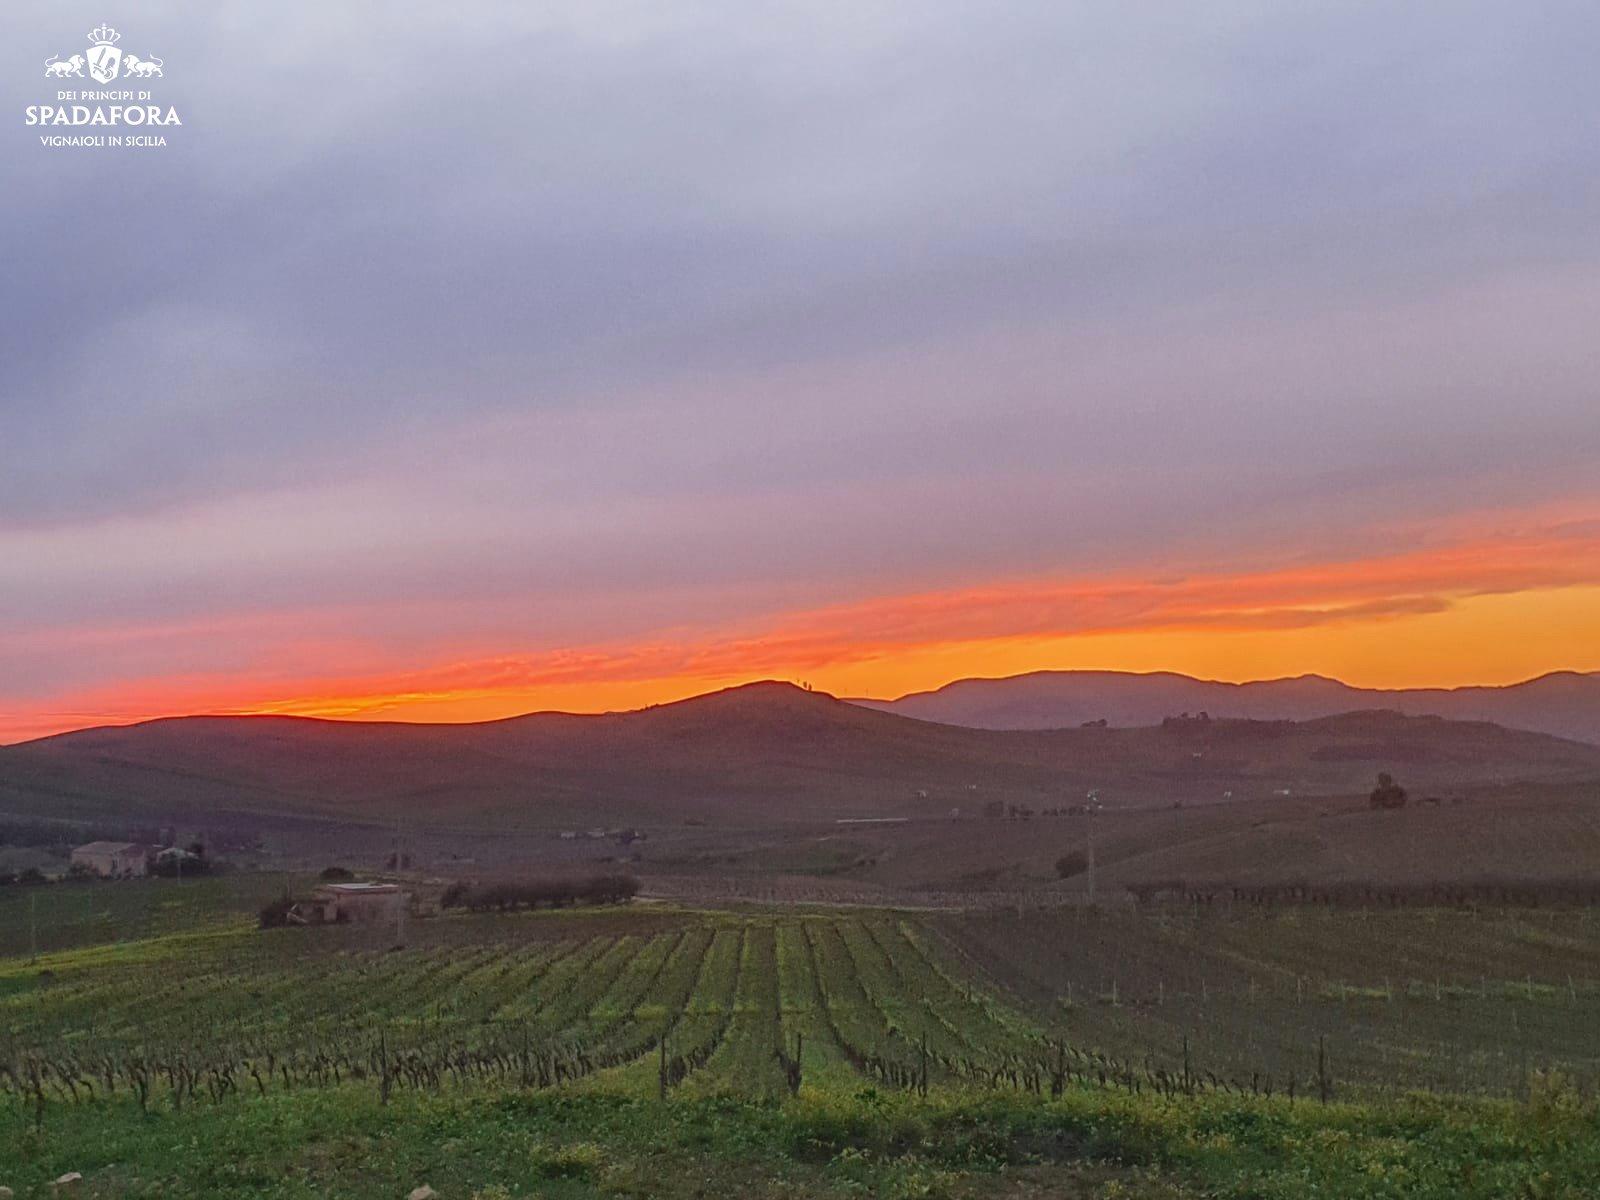 vendita online vino prodotto con uva da agricoltura biologica